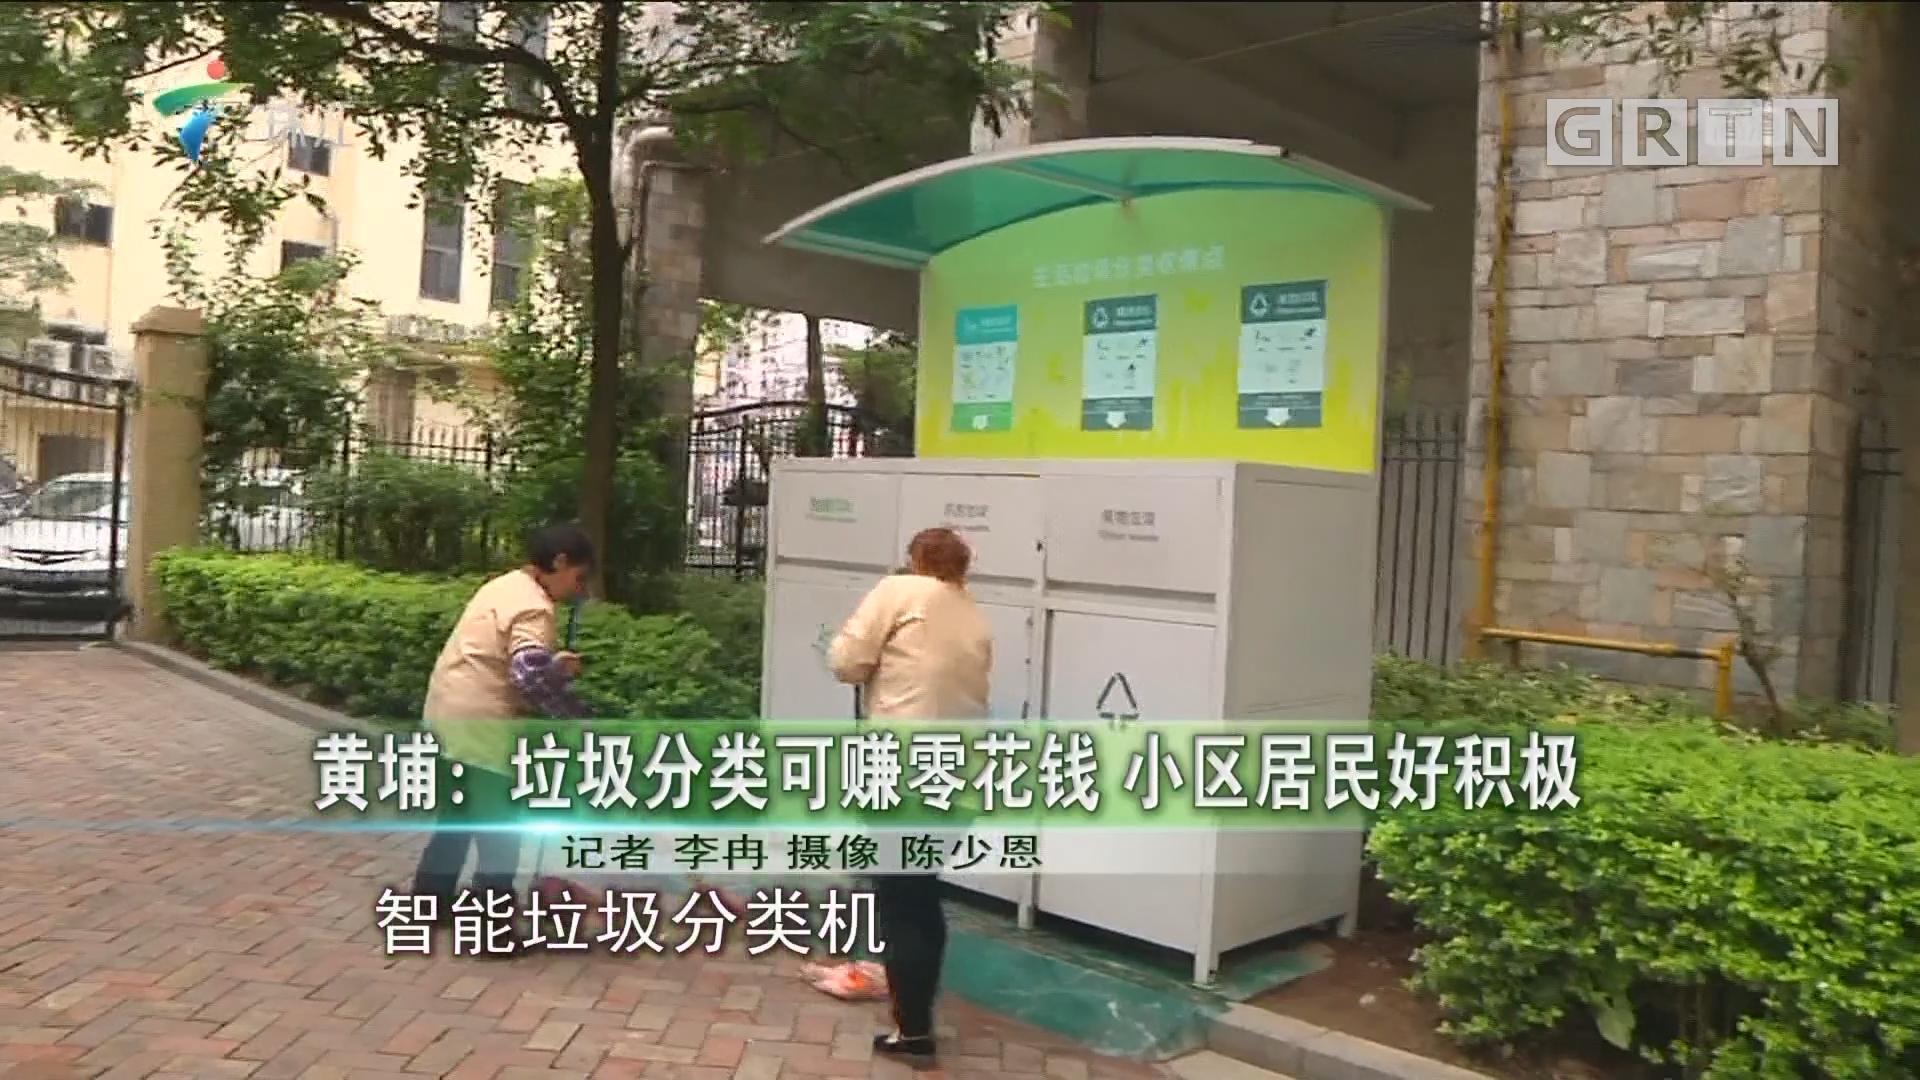 黄埔:垃圾分类可赚零花钱 小区居民好积极